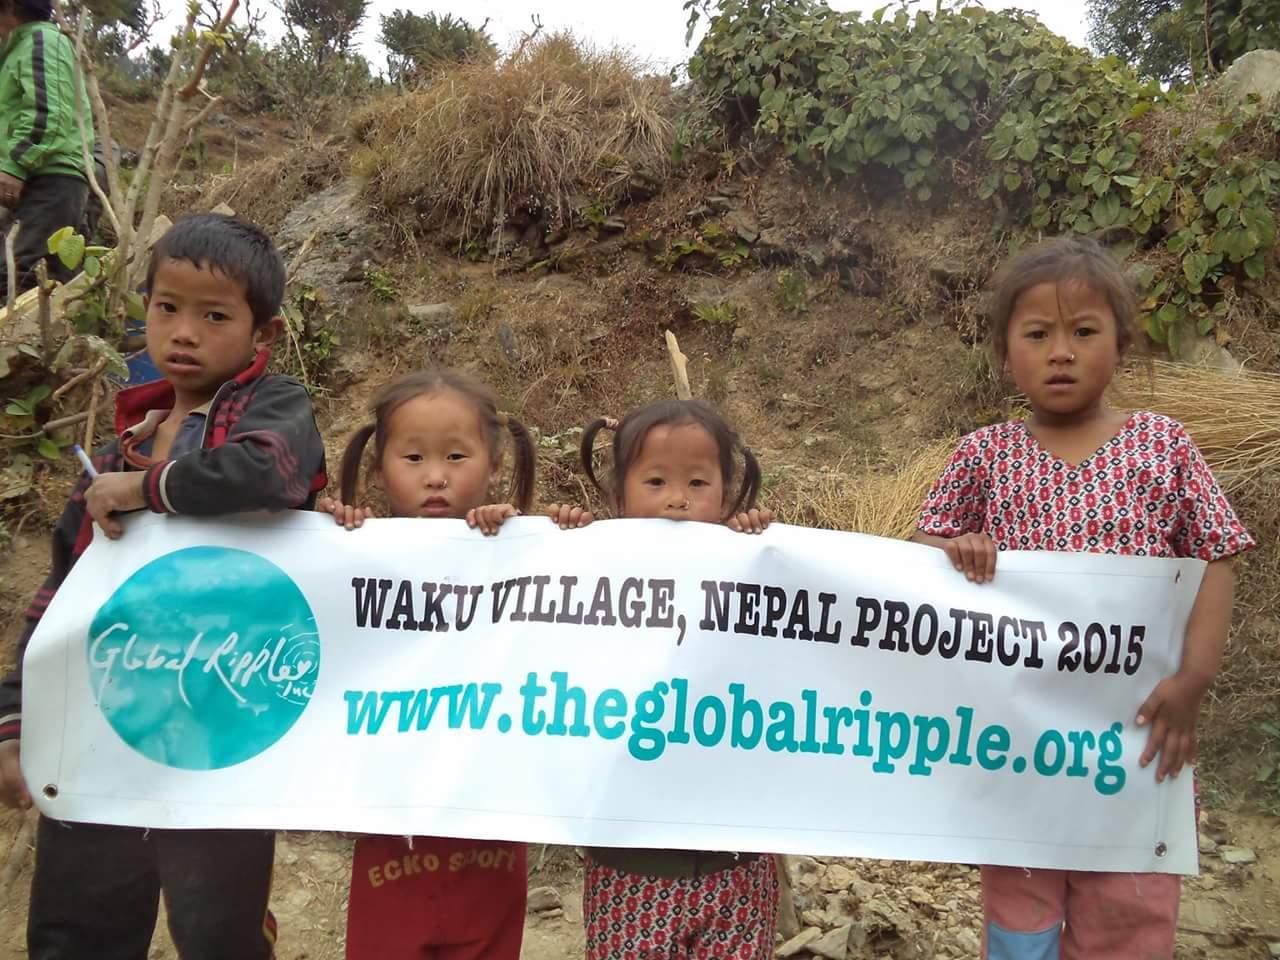 Waku village nepal project